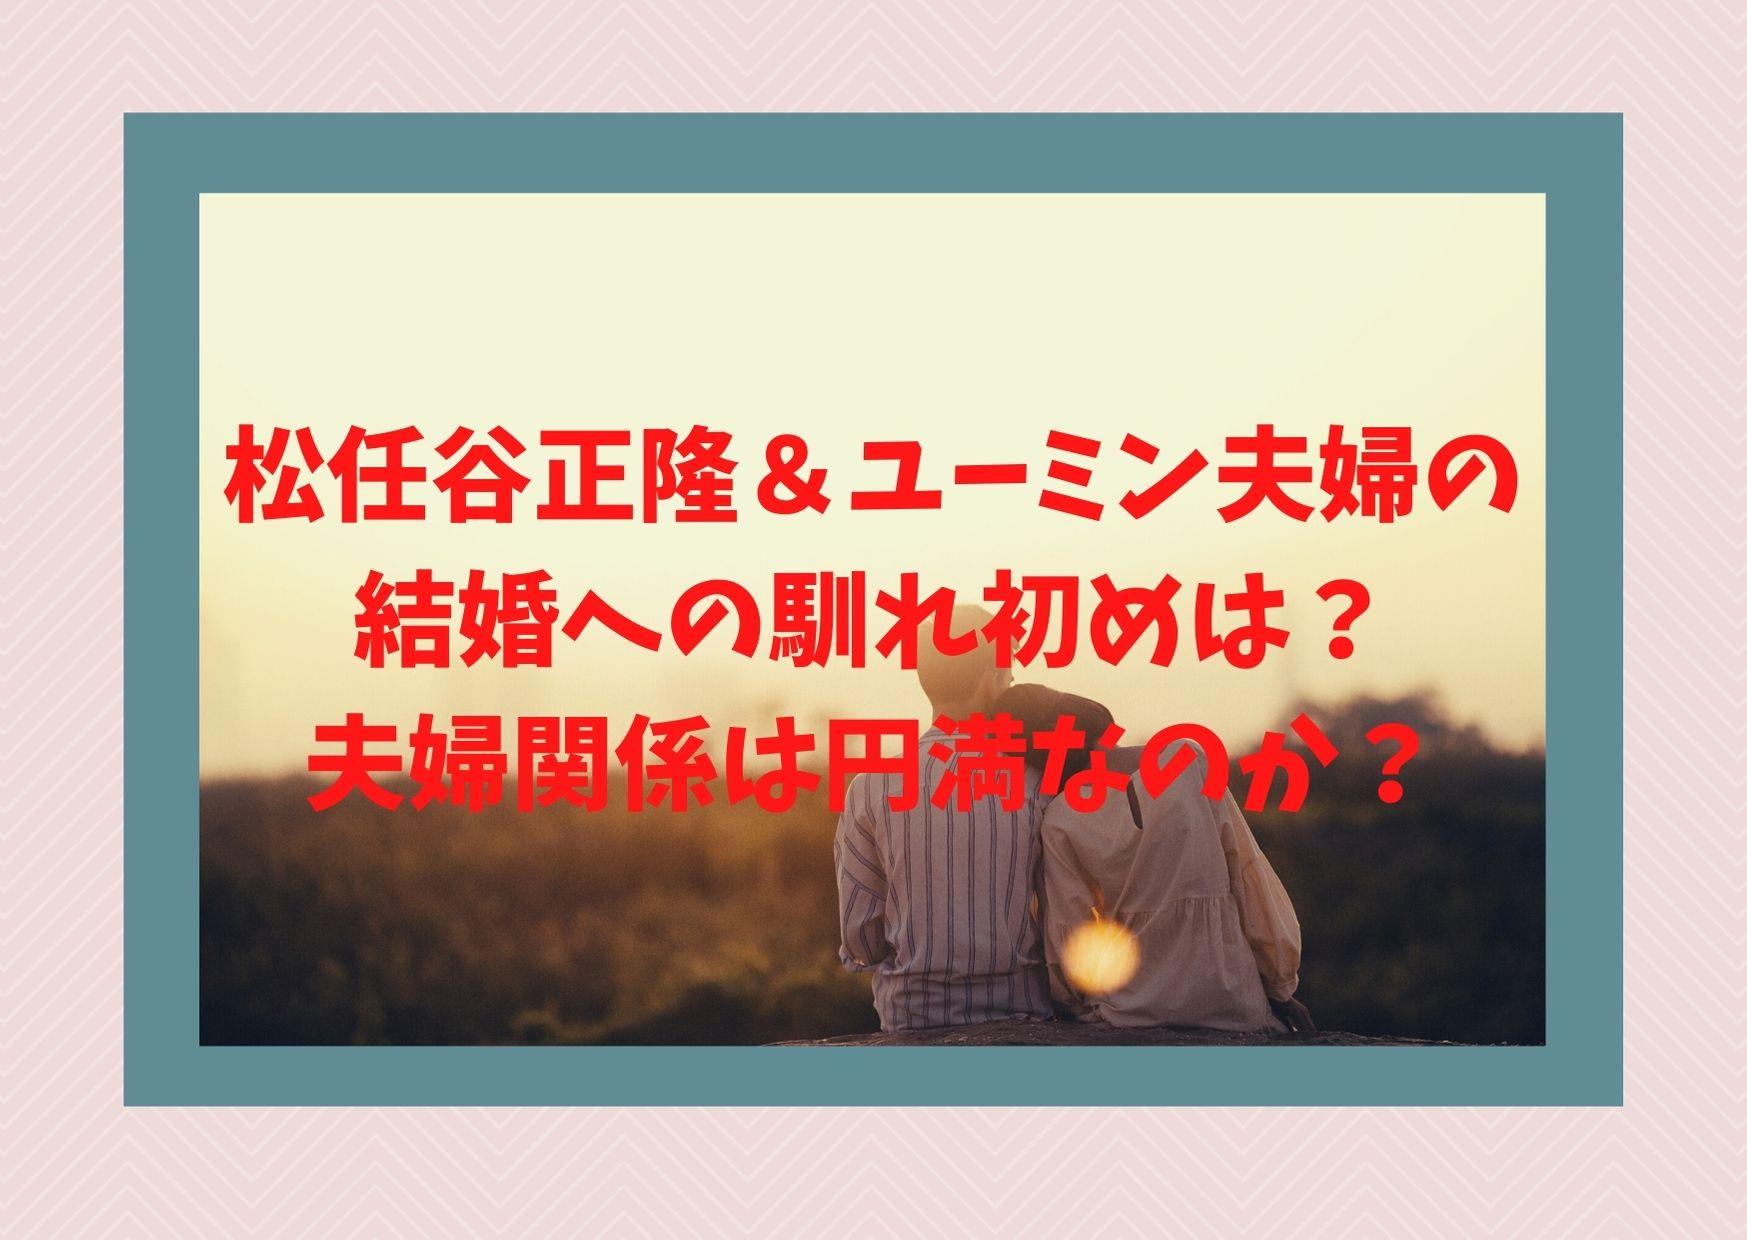 松任谷正隆&ユーミン夫婦の結婚への馴れ初めは?夫婦関係は円満なのか?